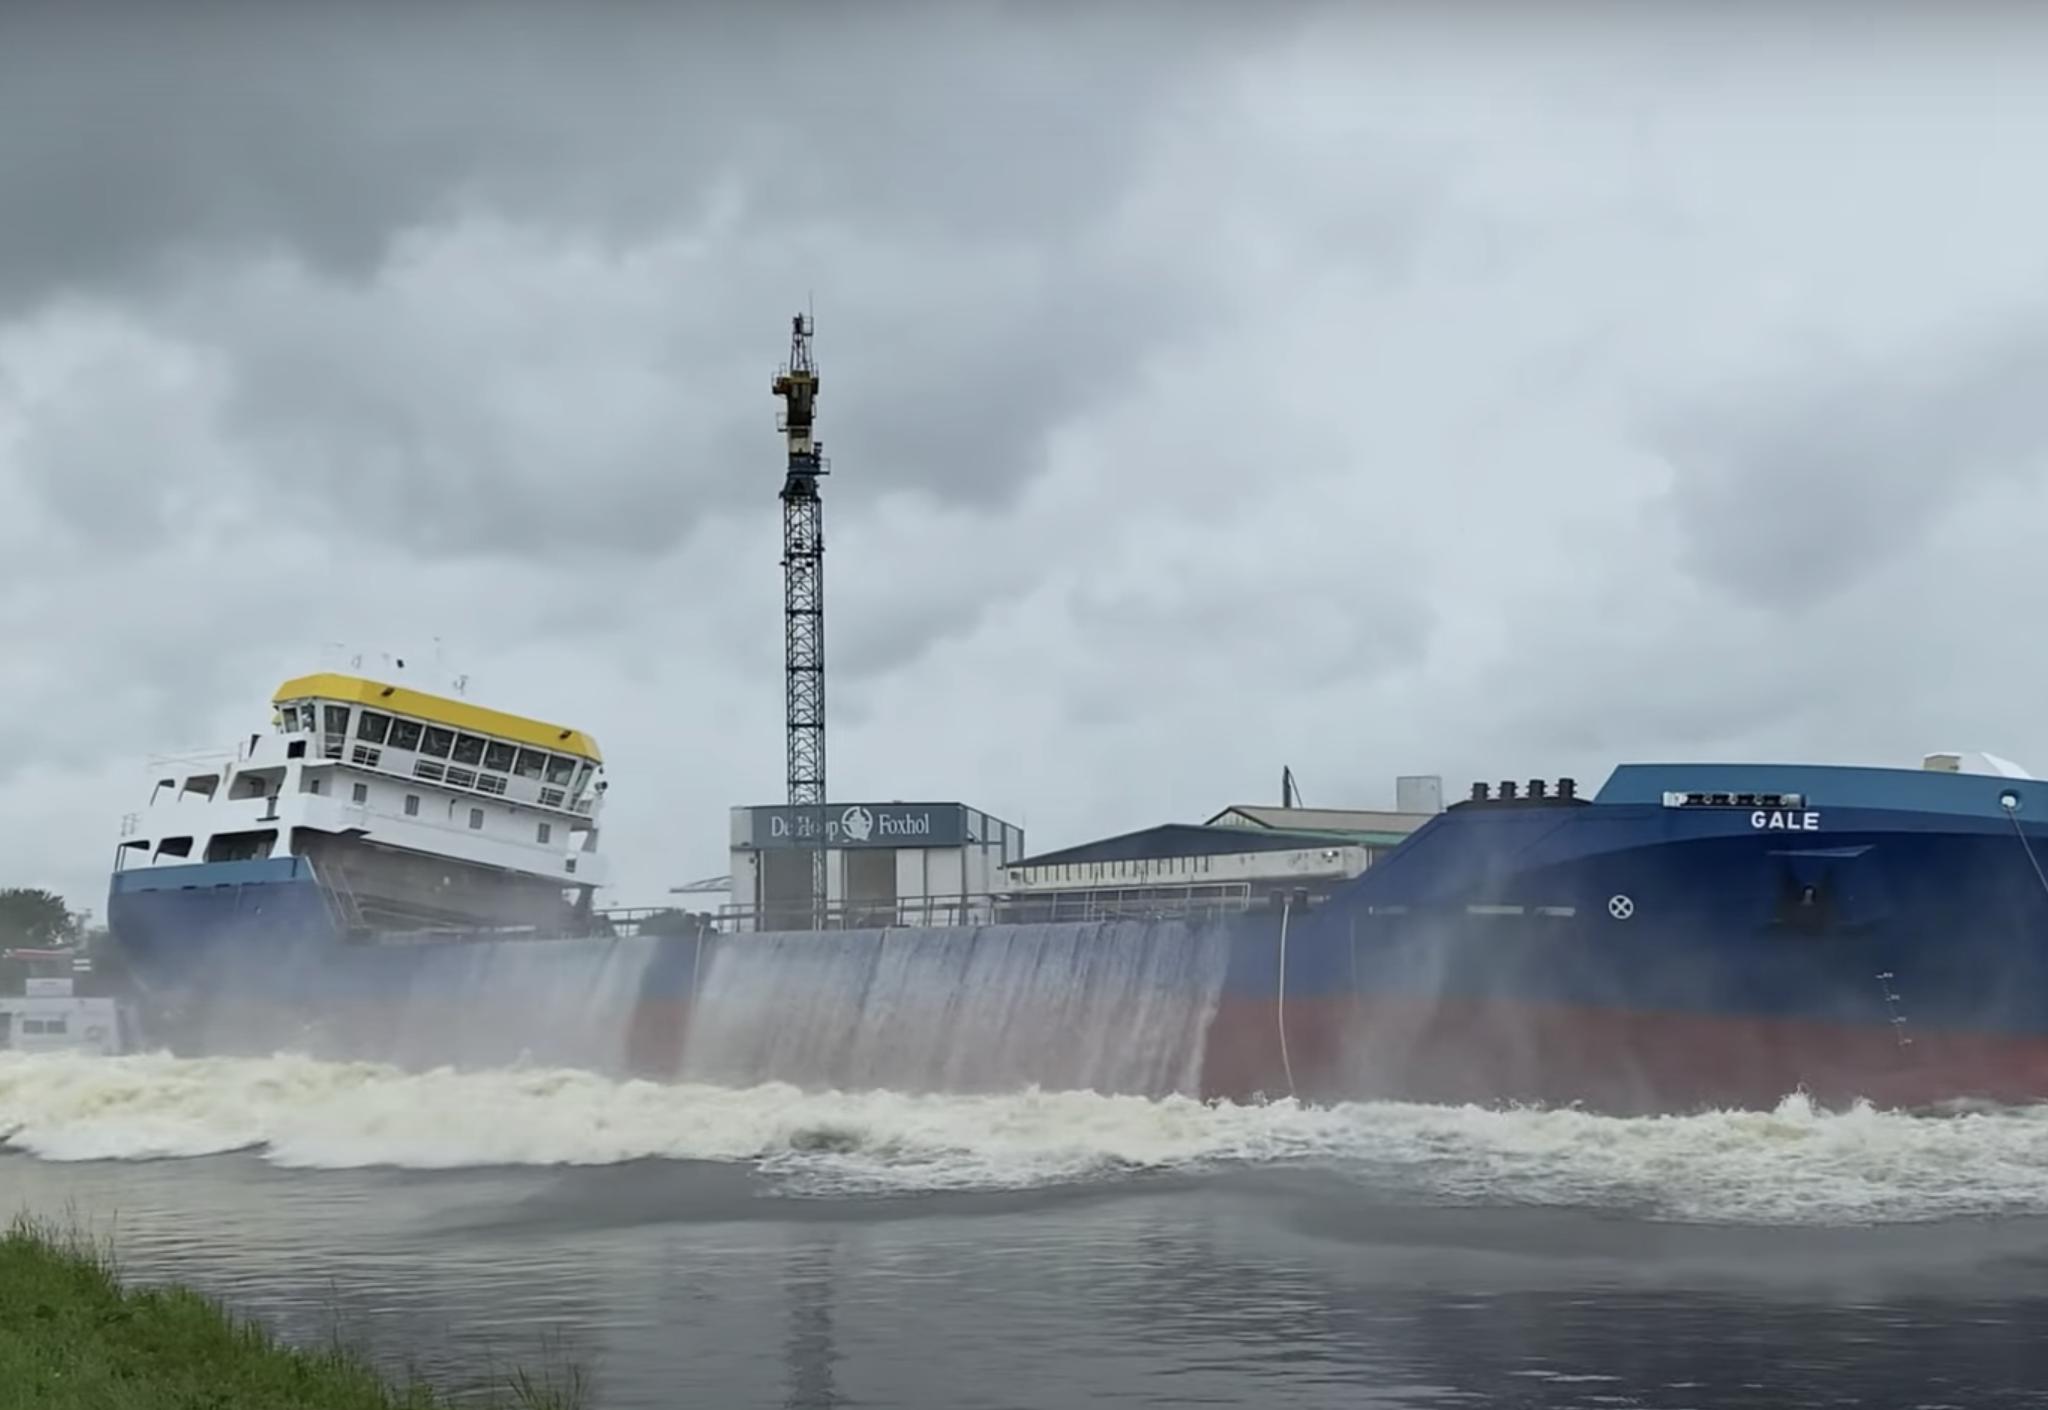 Centraalstaal werkte mee aan de bouw van het schip Gale. Foto: Youtube